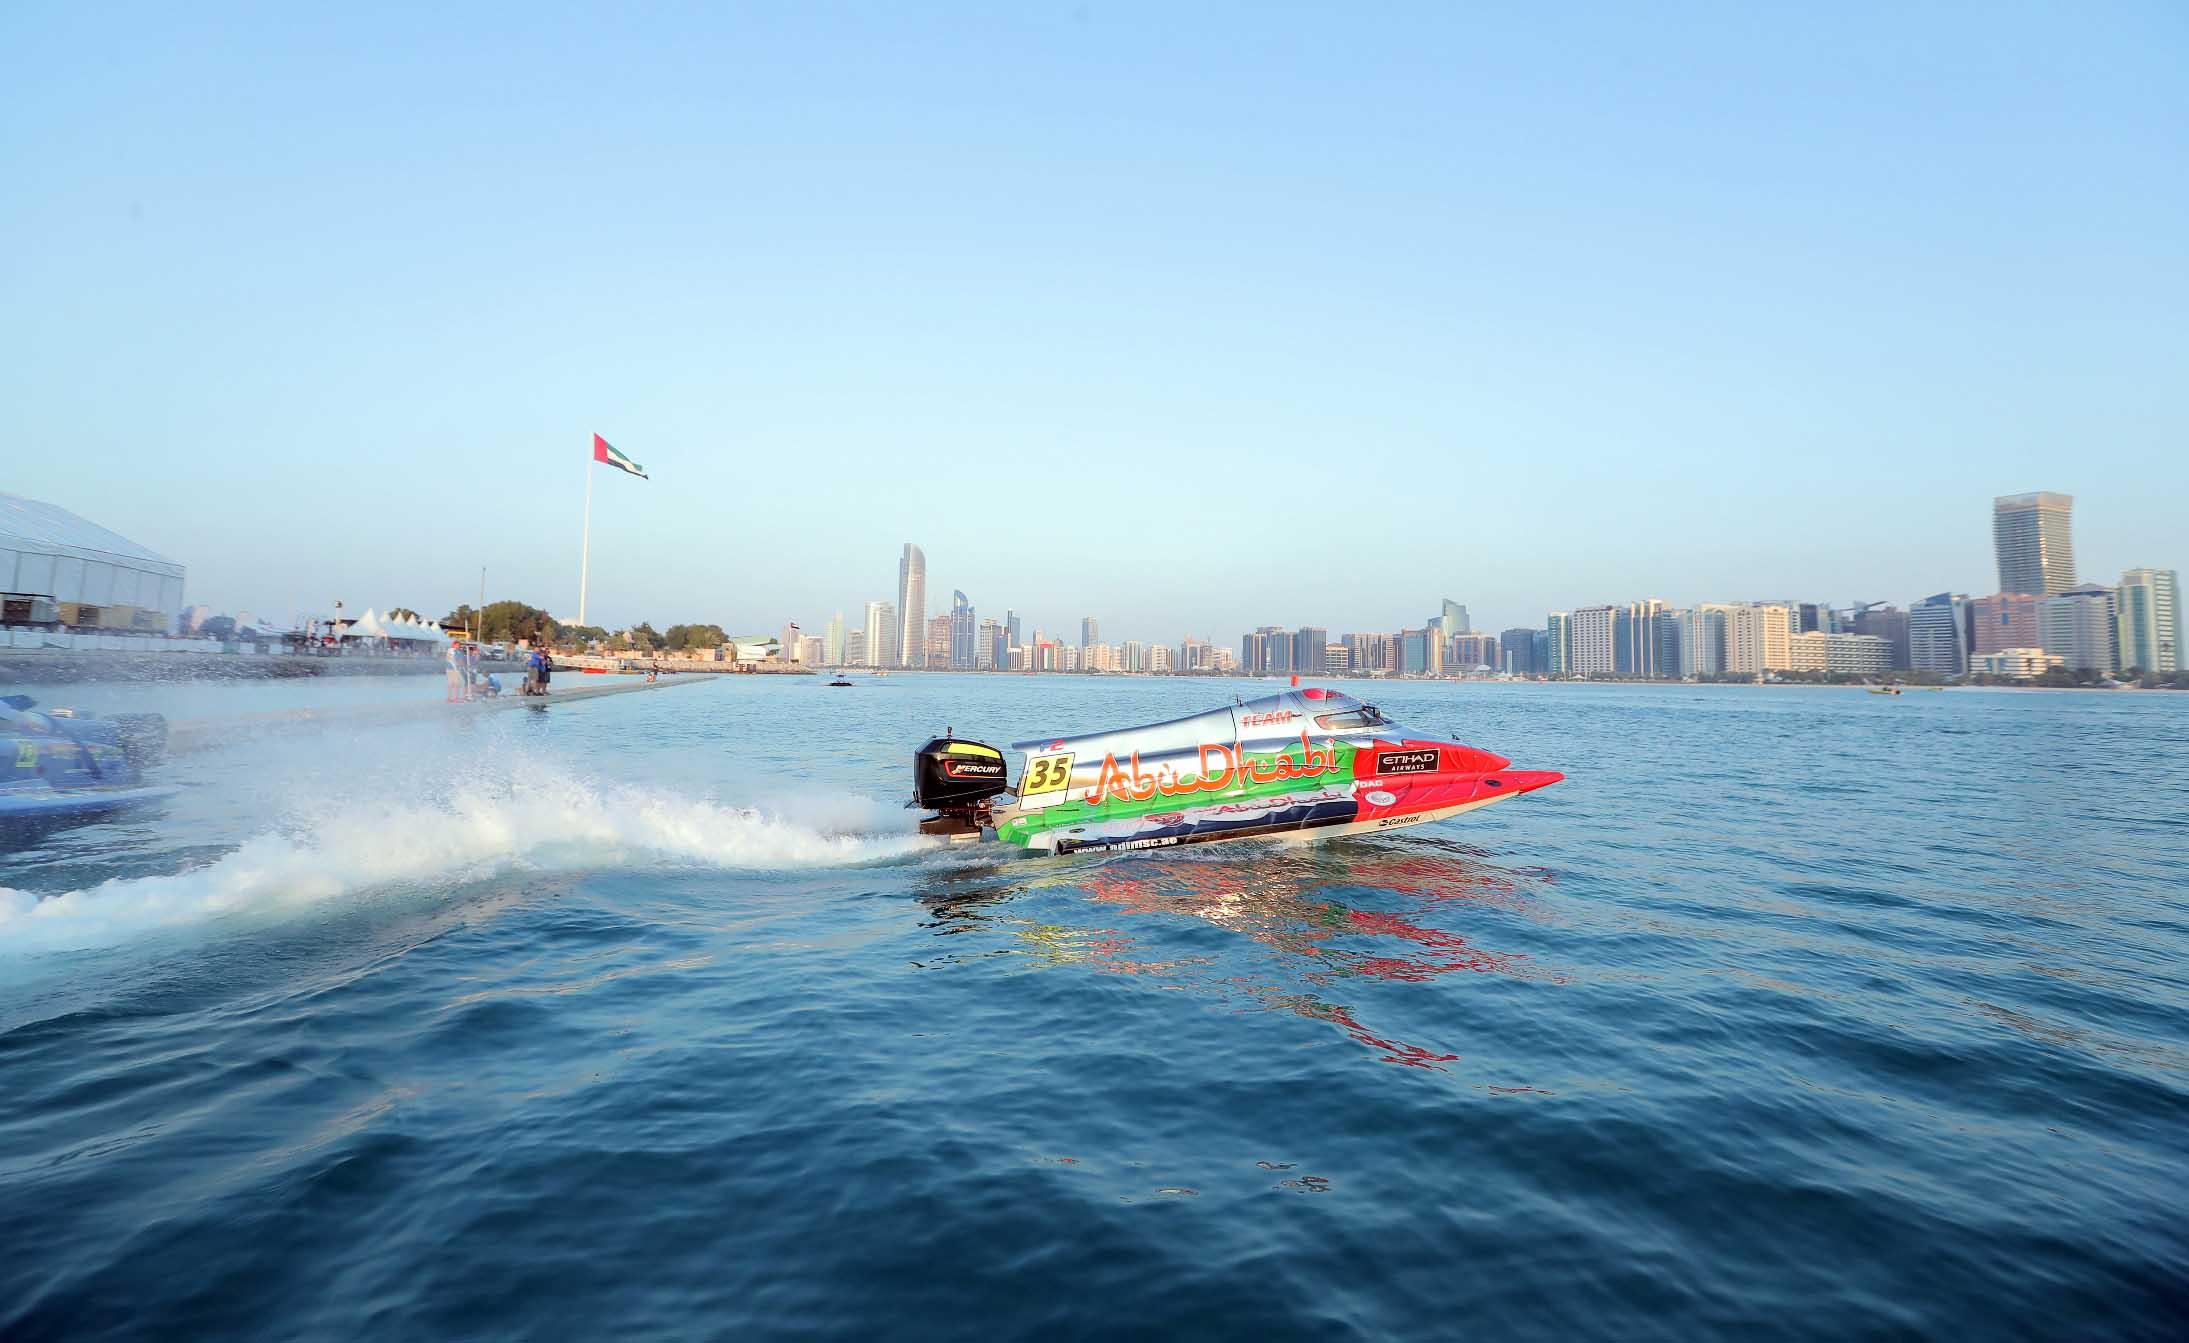 السباق الرئيسي لمونديال الفورمولا 2 ينطلق من أبوظبي غدا